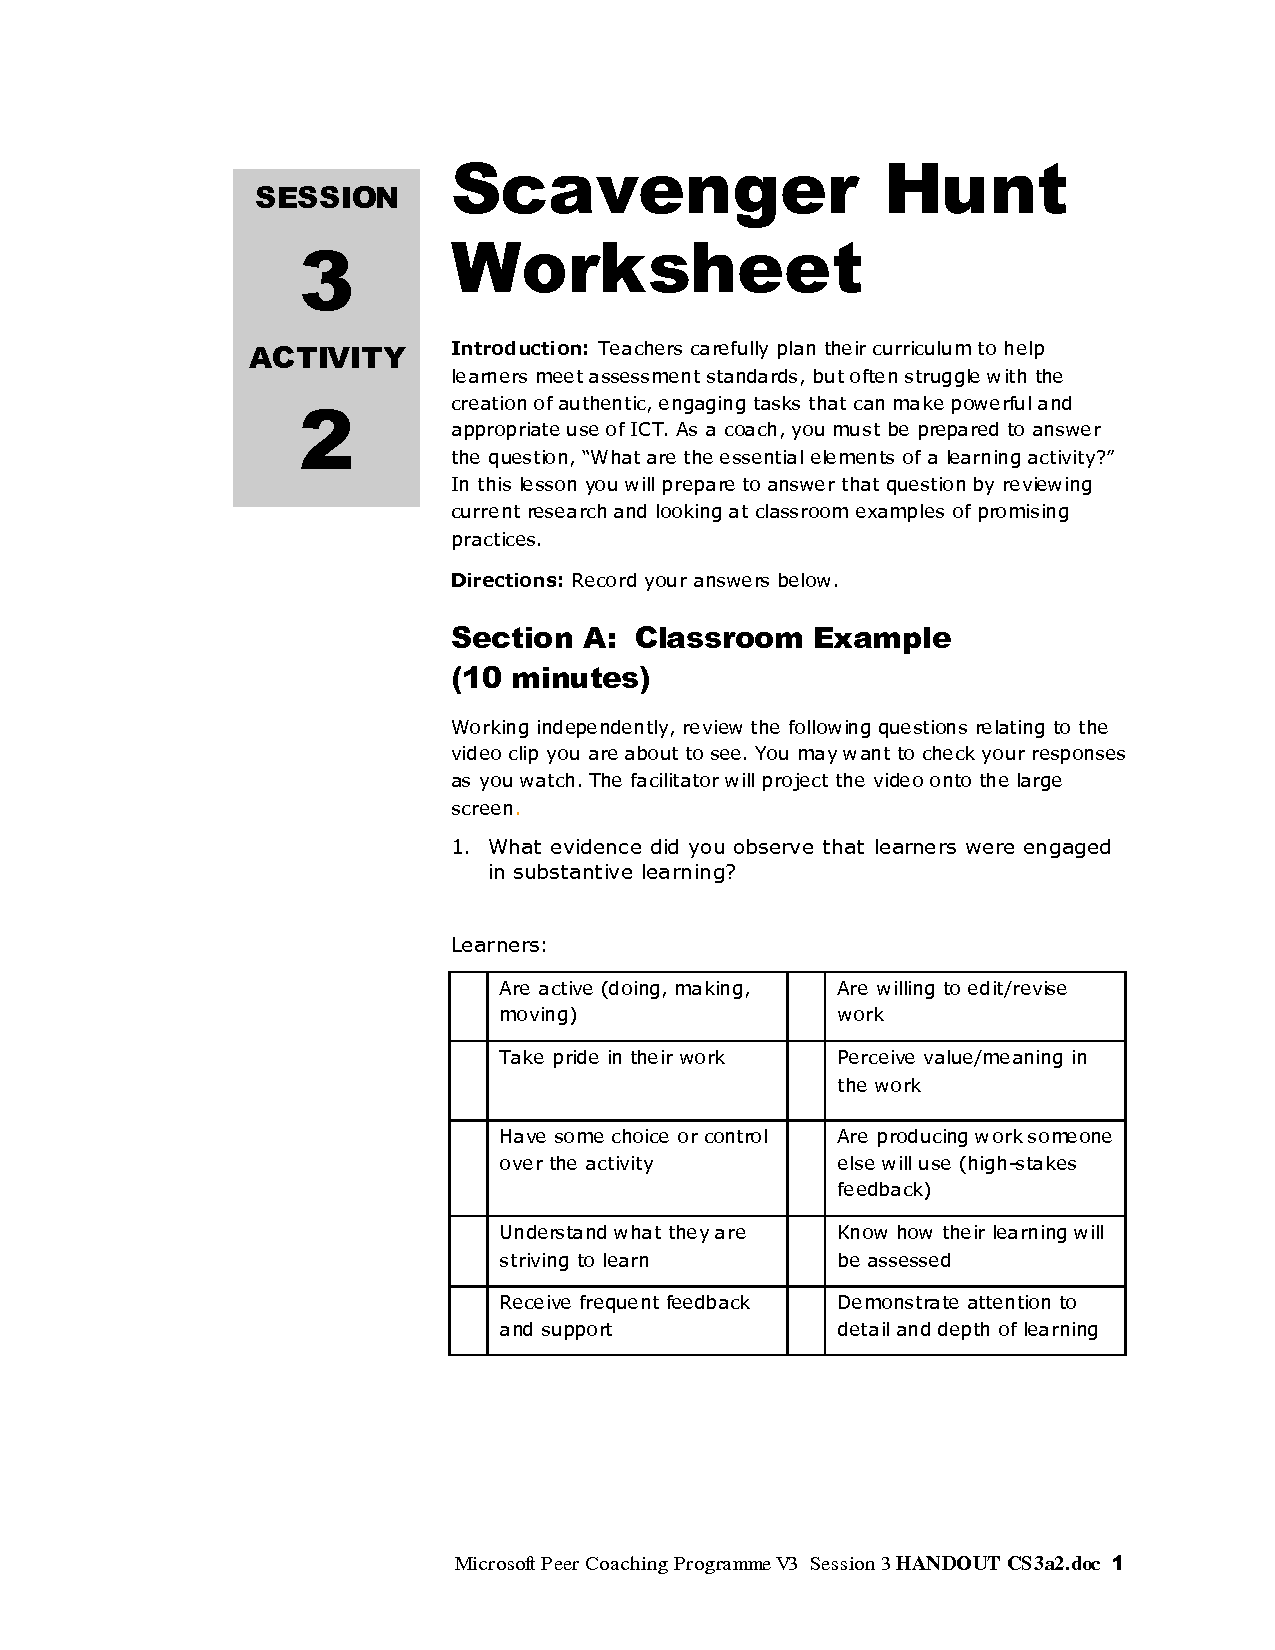 Worksheet Constitution Scavenger Hunt